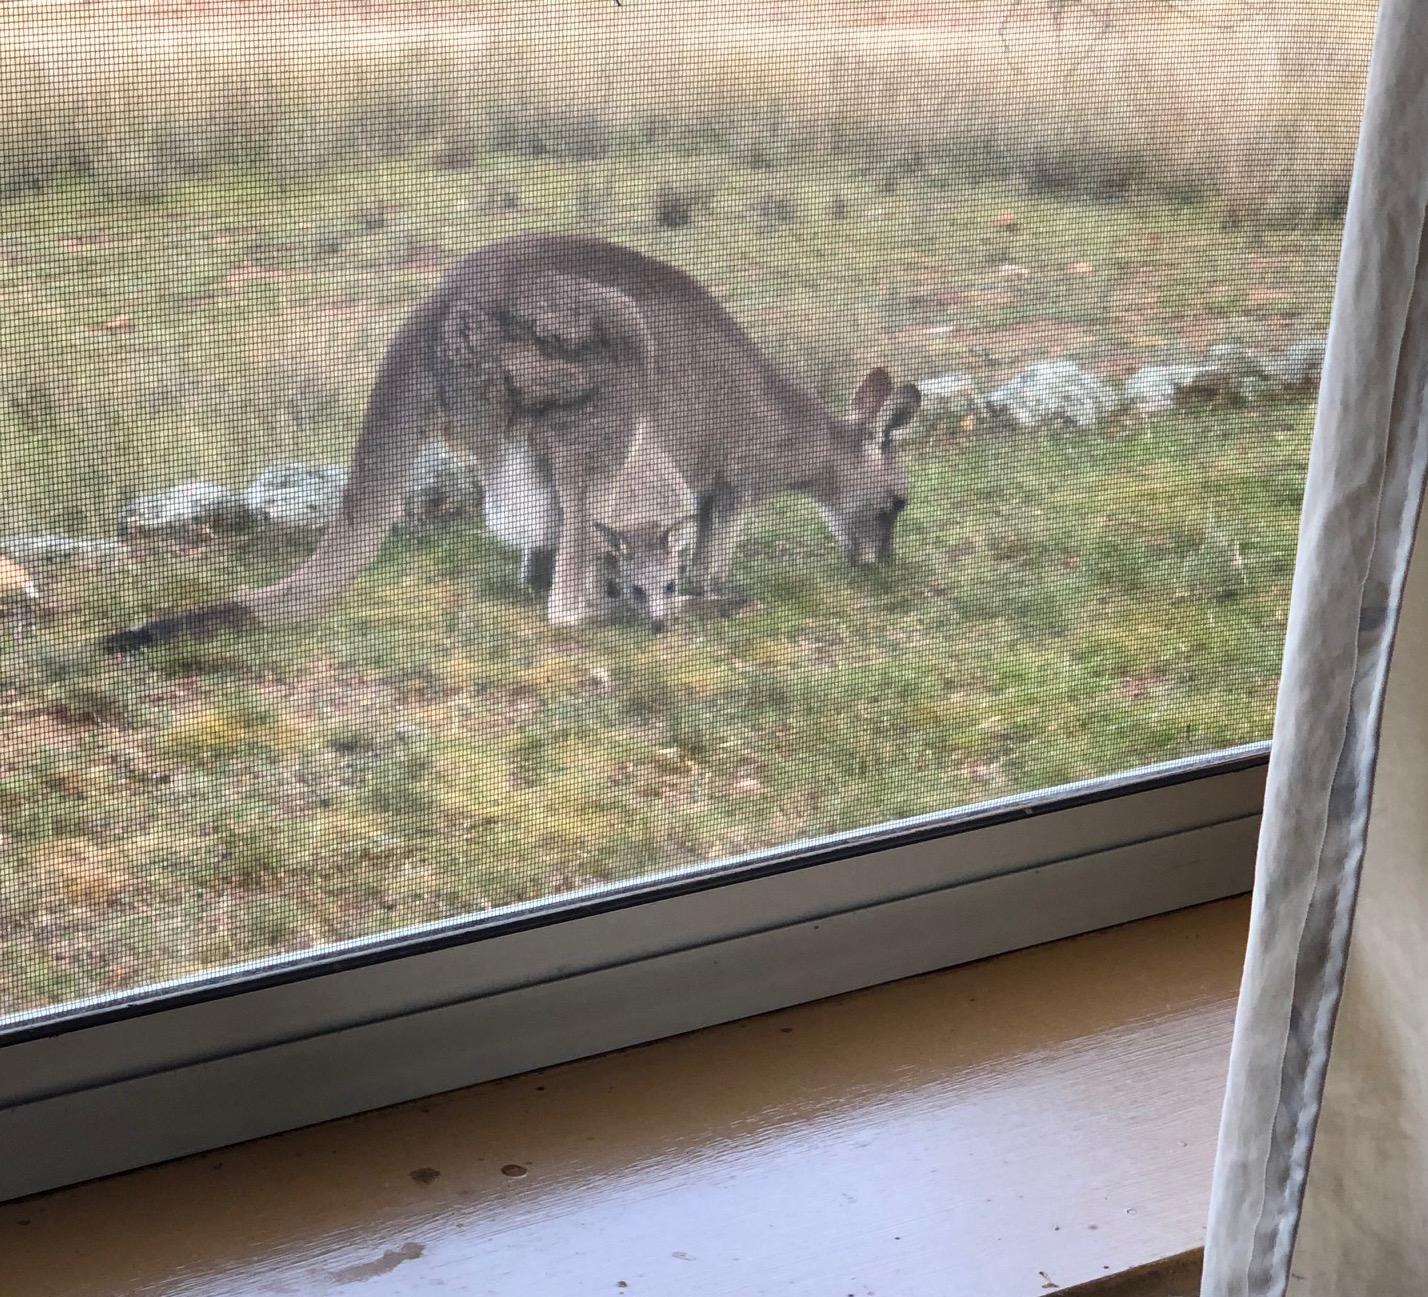 Vistors outside my window